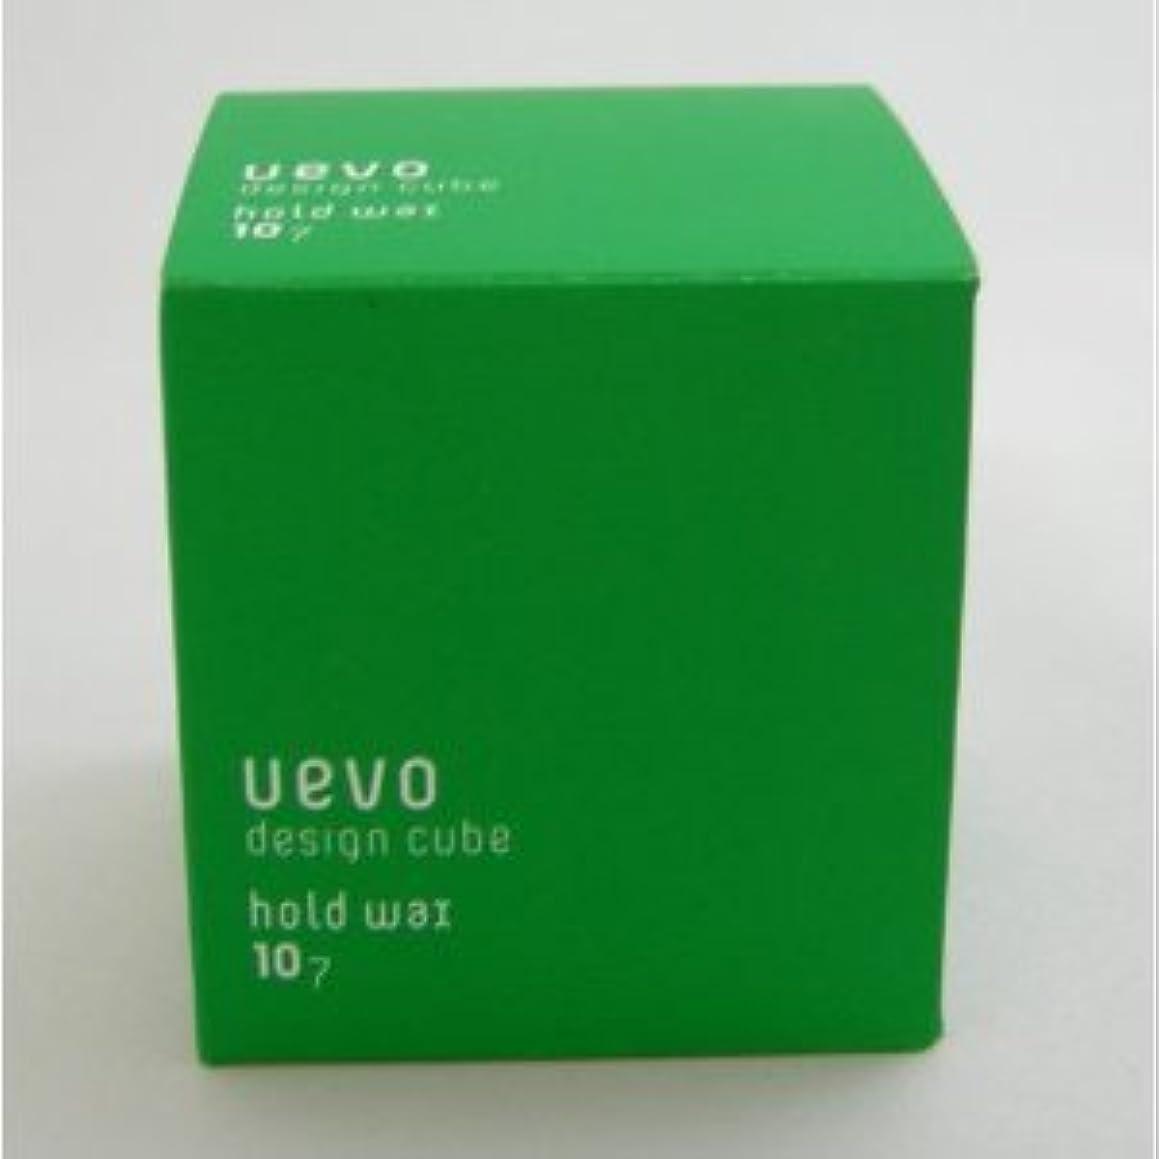 執着キャビン本物の【X3個セット】 デミ ウェーボ デザインキューブ ホールドワックス 80g hold wax